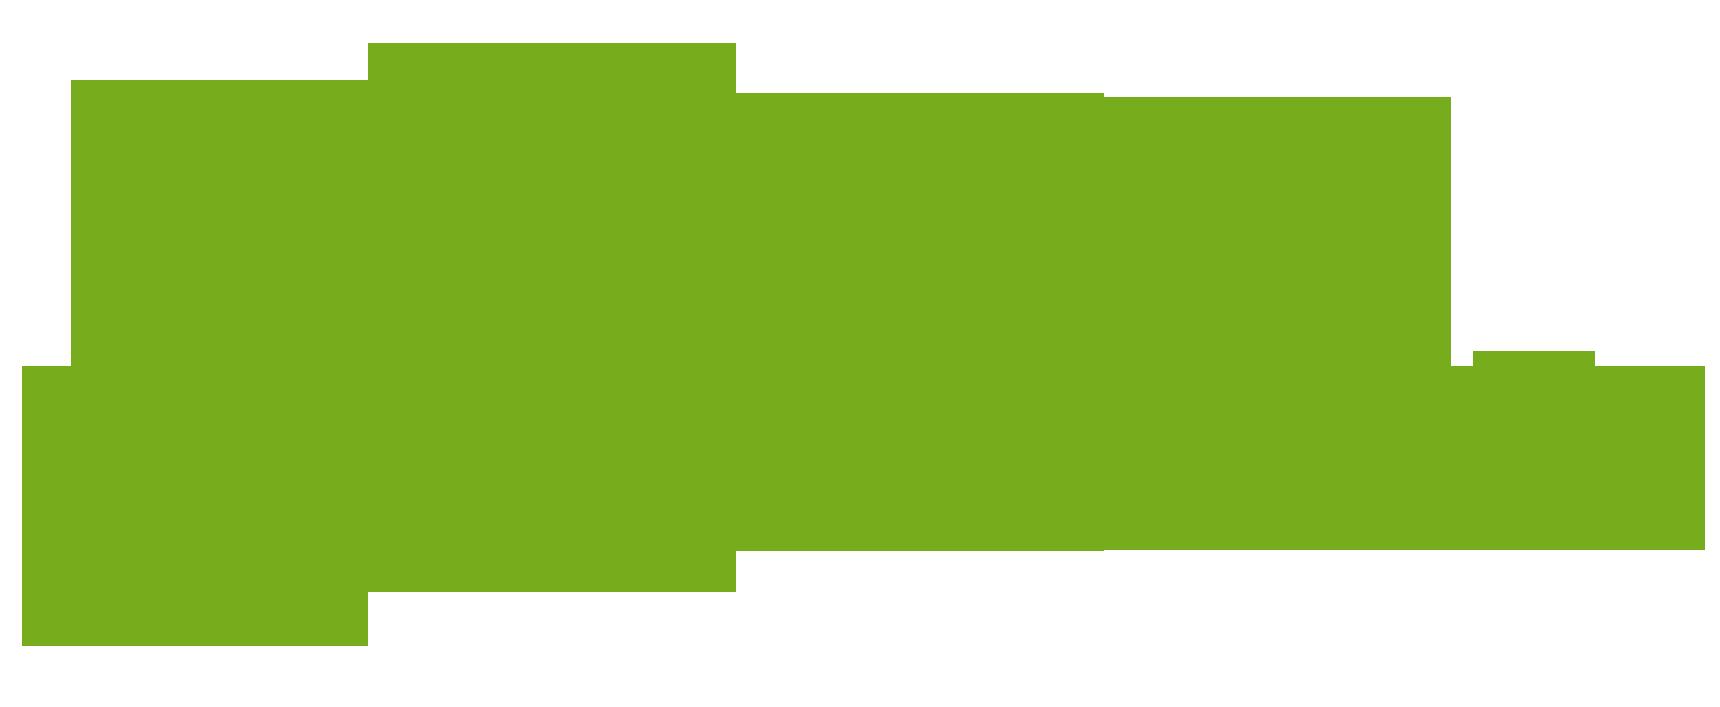 OSISA logo